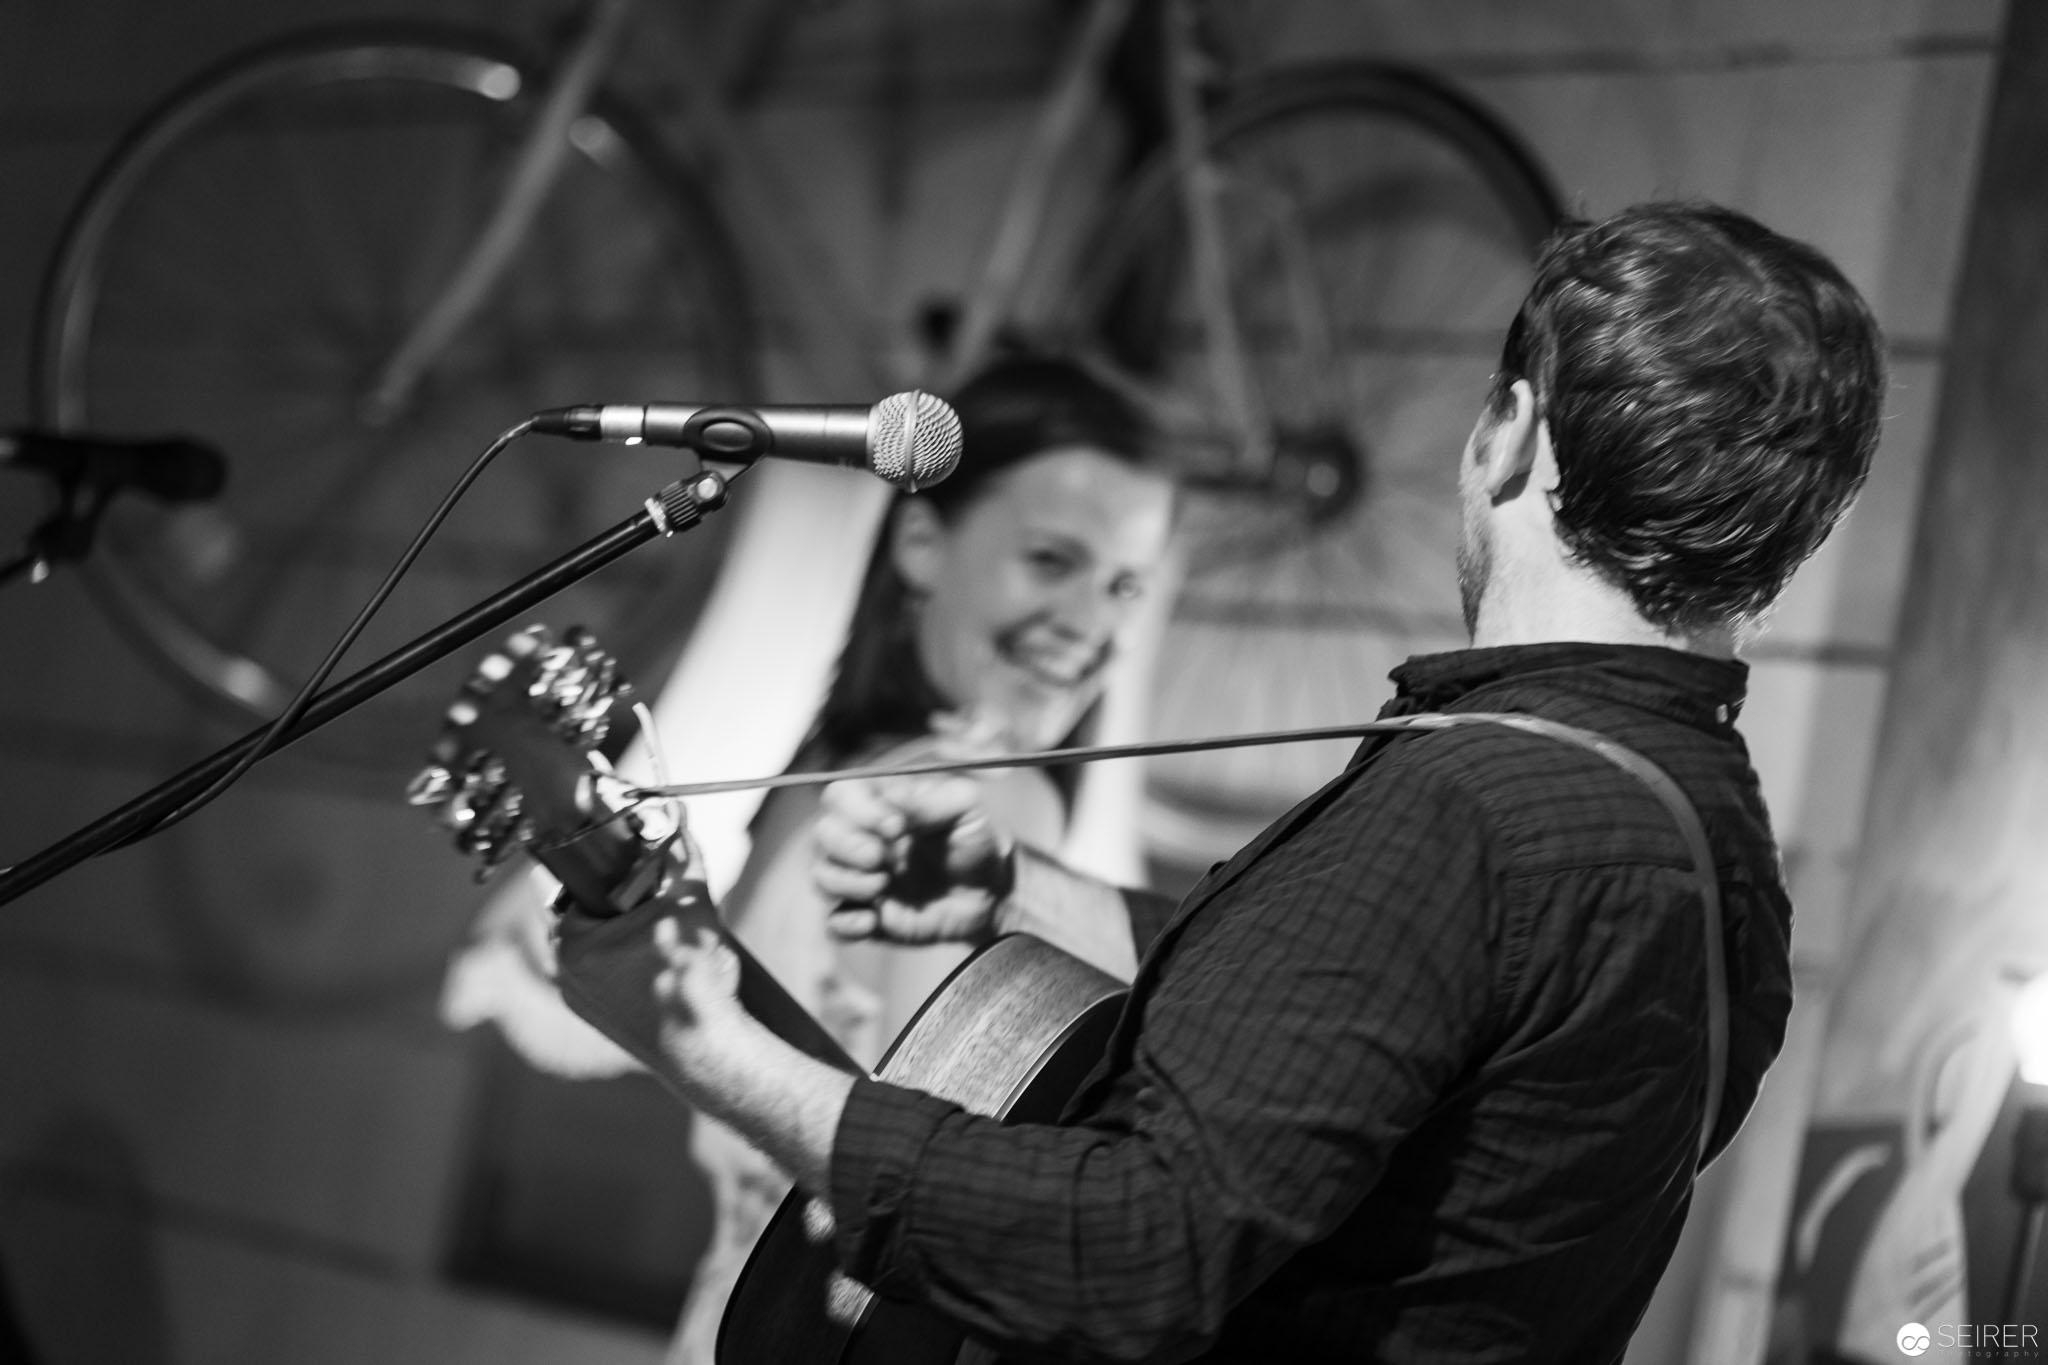 Shane und Claudia performen zusammen auf der Bühne